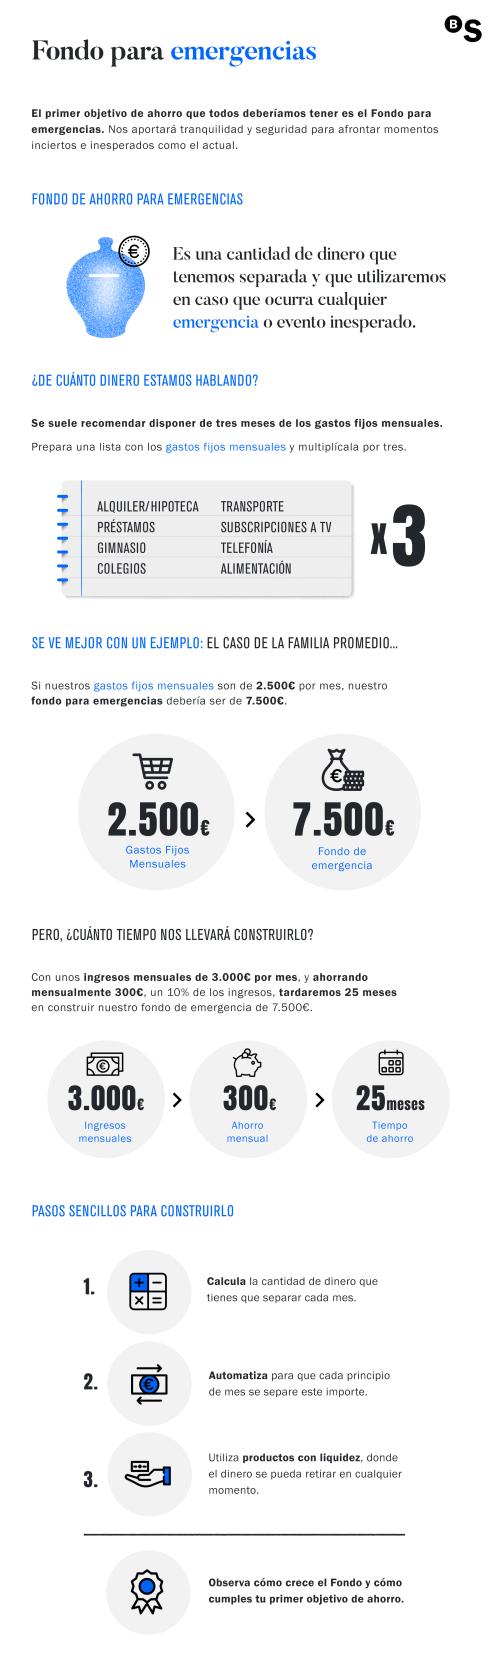 Fondo de Ahorro Banco Sabadell